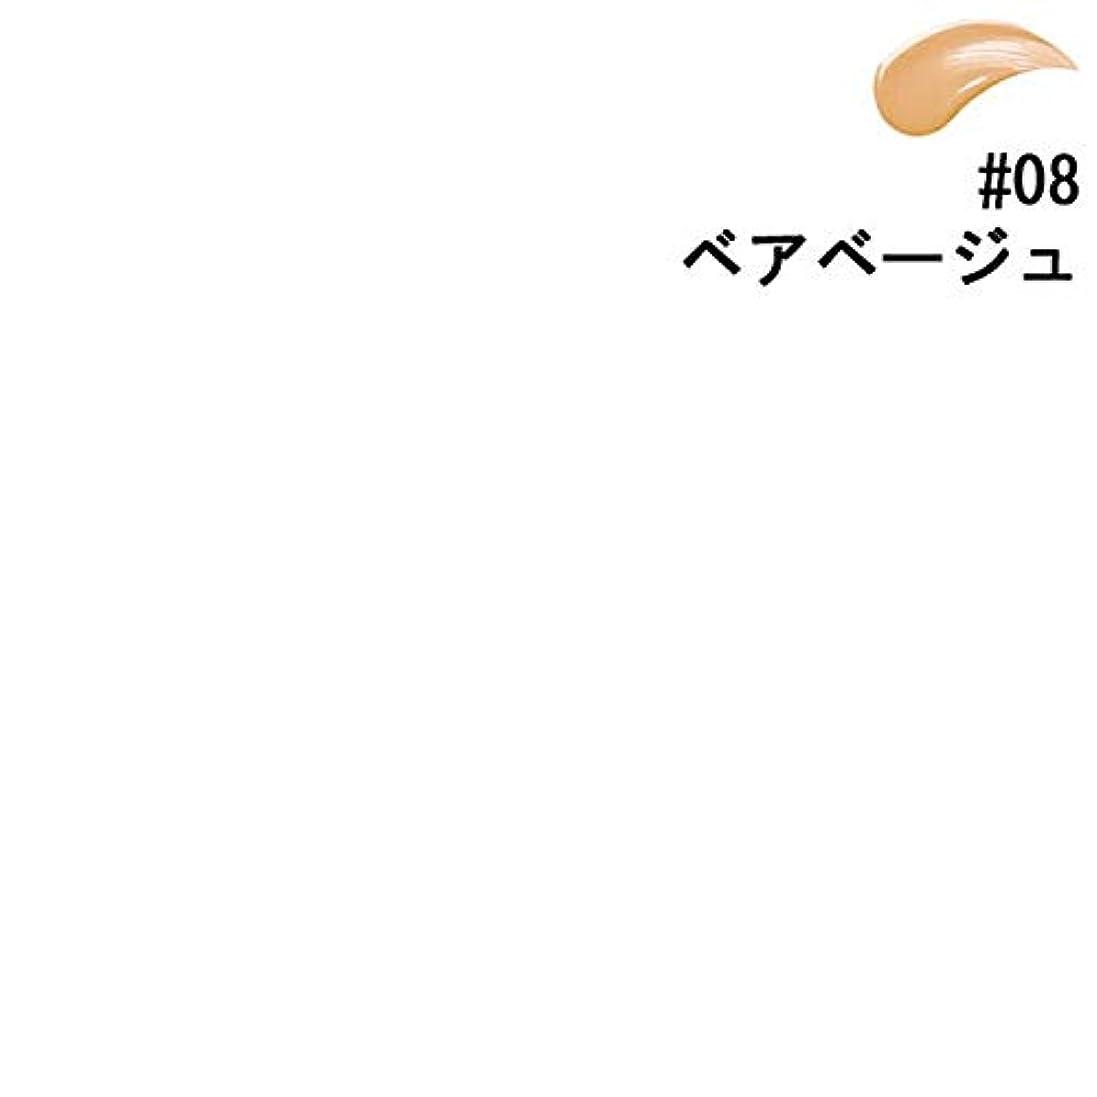 彼個人腸【ベアミネラル】ベアミネラル ベア ファンデーション #08 ベアベージュ 30ml [並行輸入品]